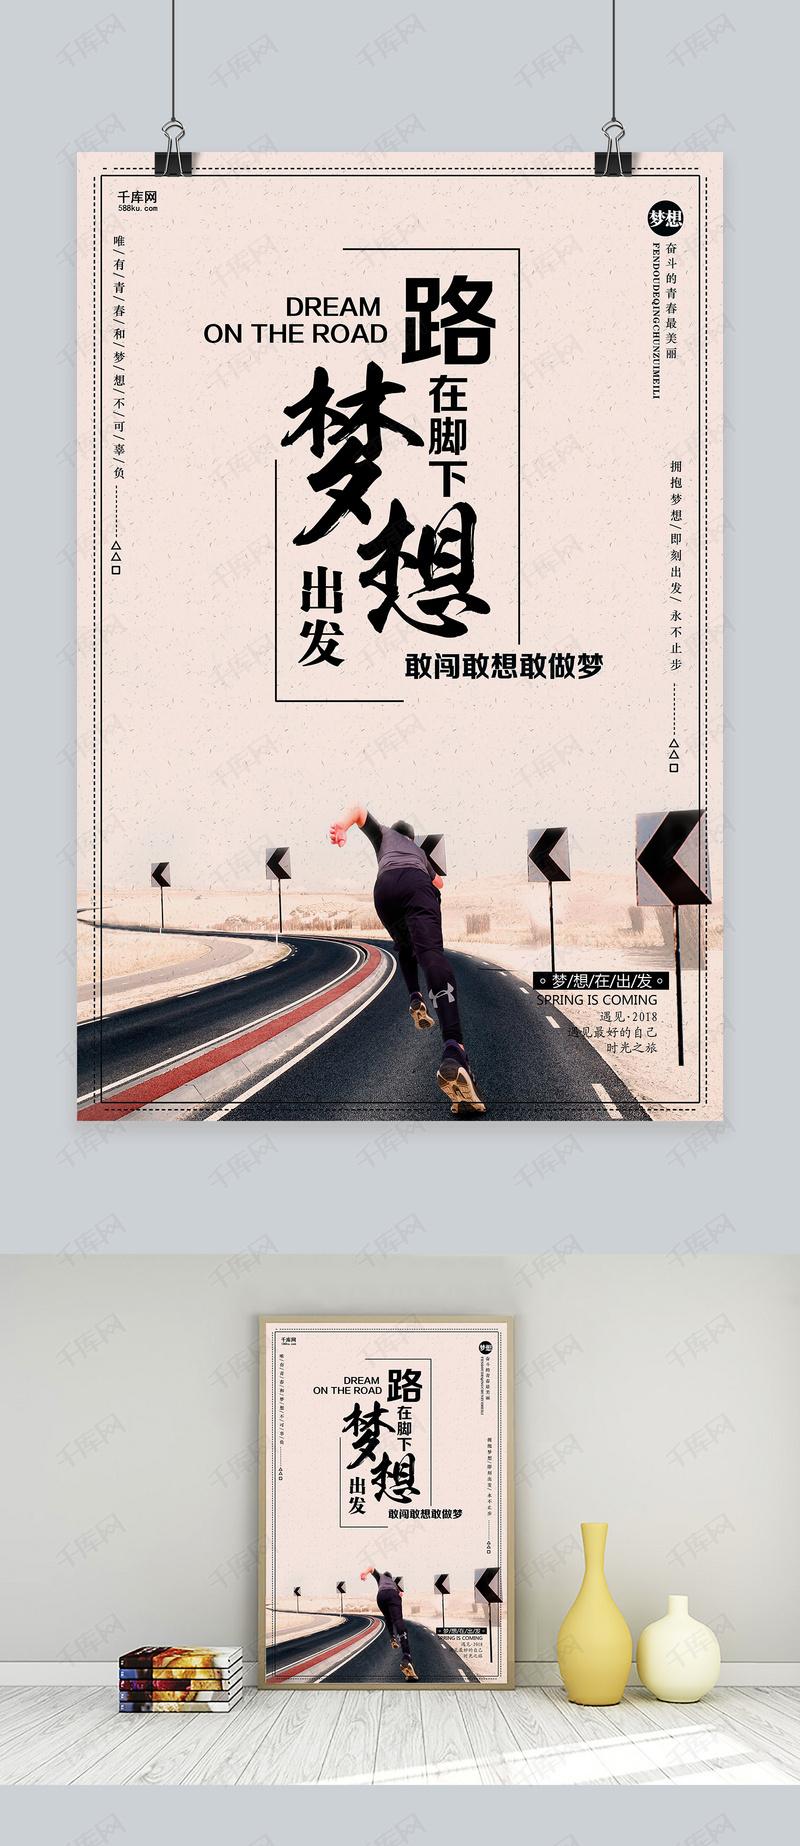 千库网原创简约企业文化宣传海报